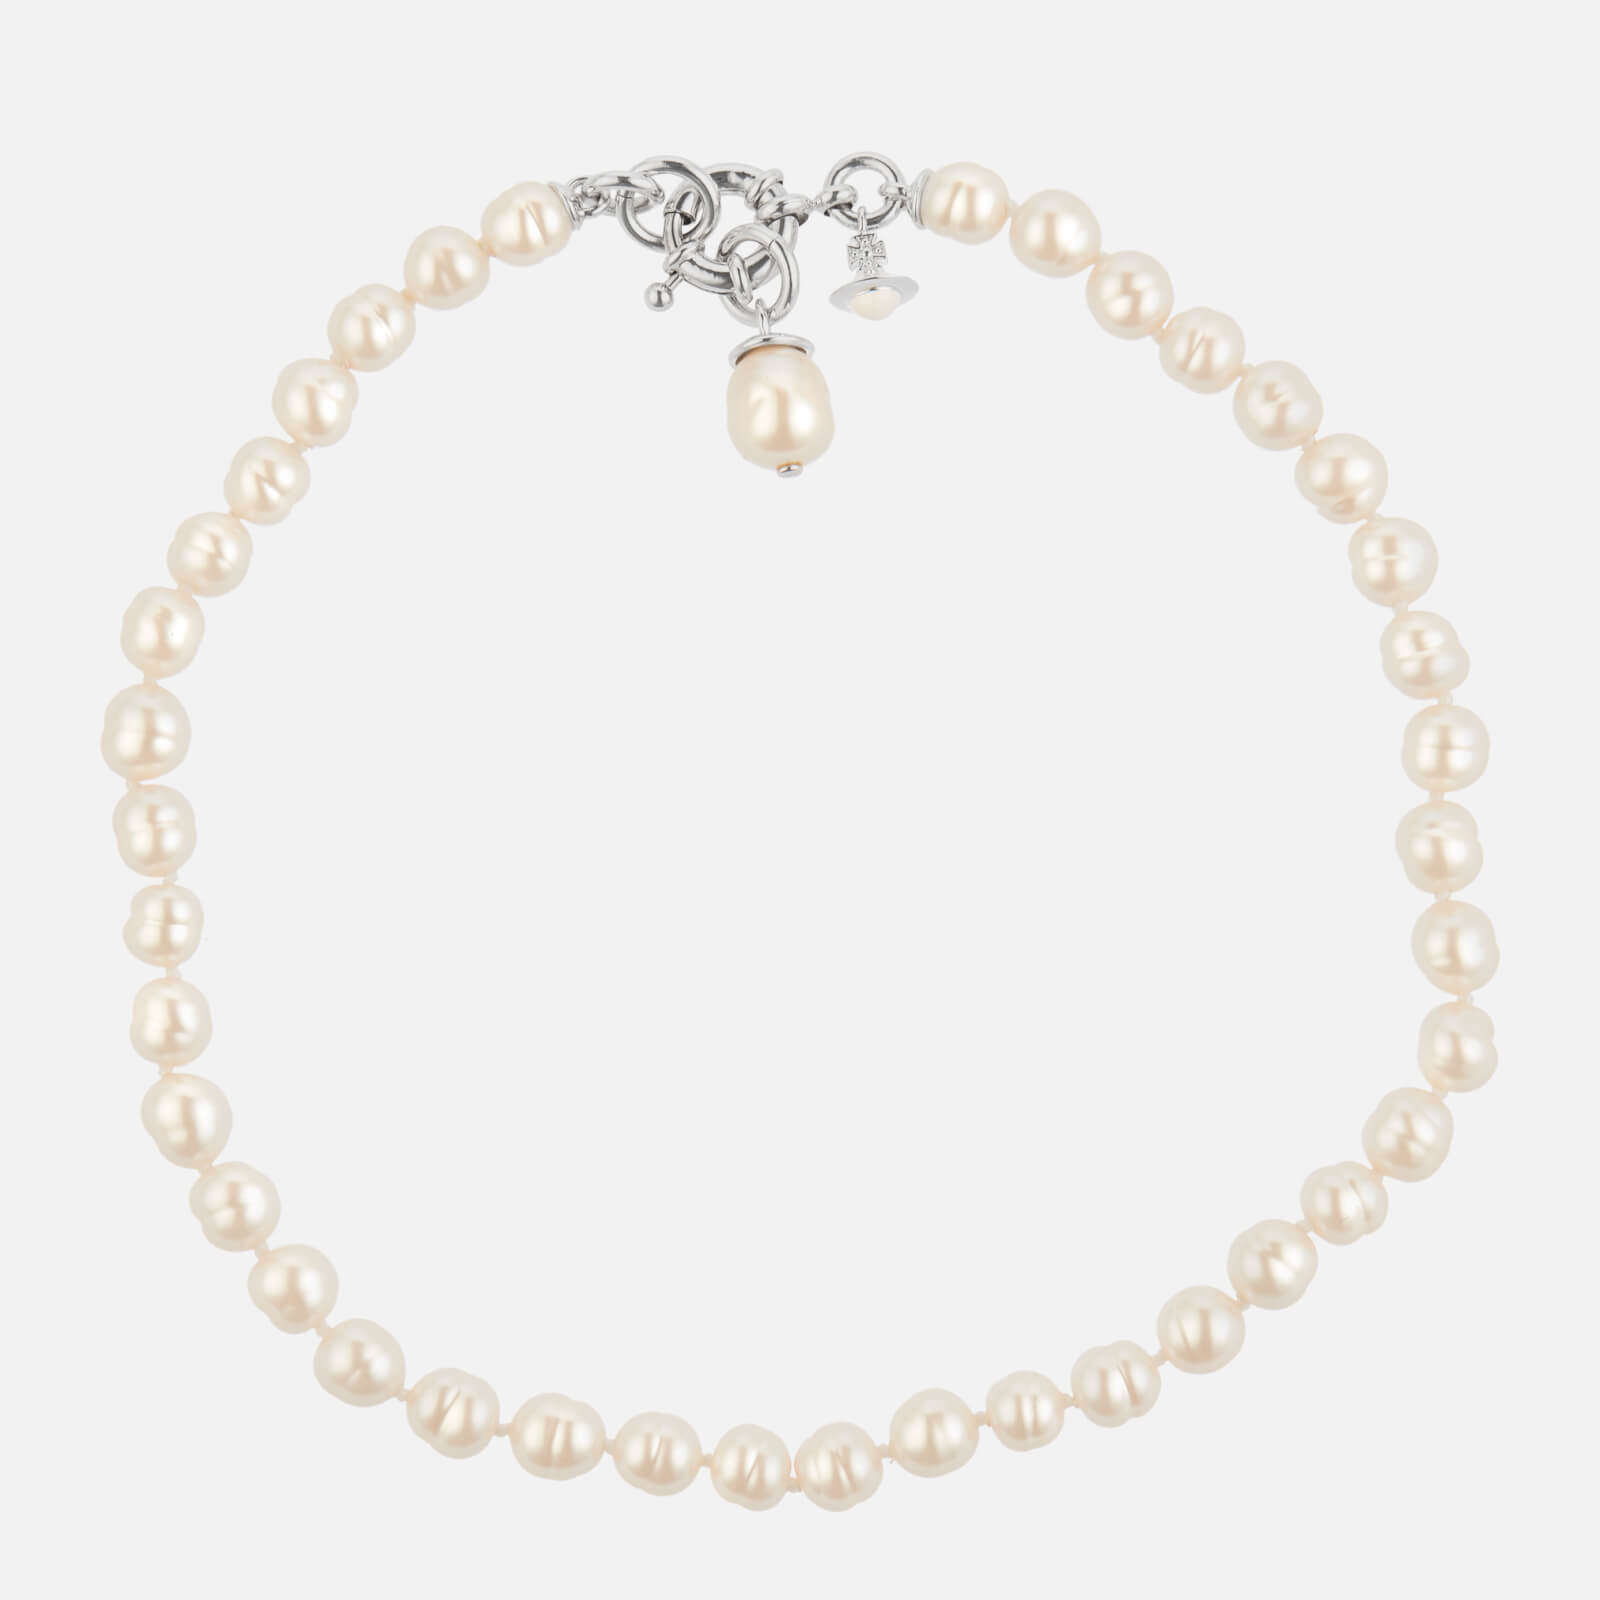 Vivienne Westwood Women's Marella Necklace - Rhodium Pearl